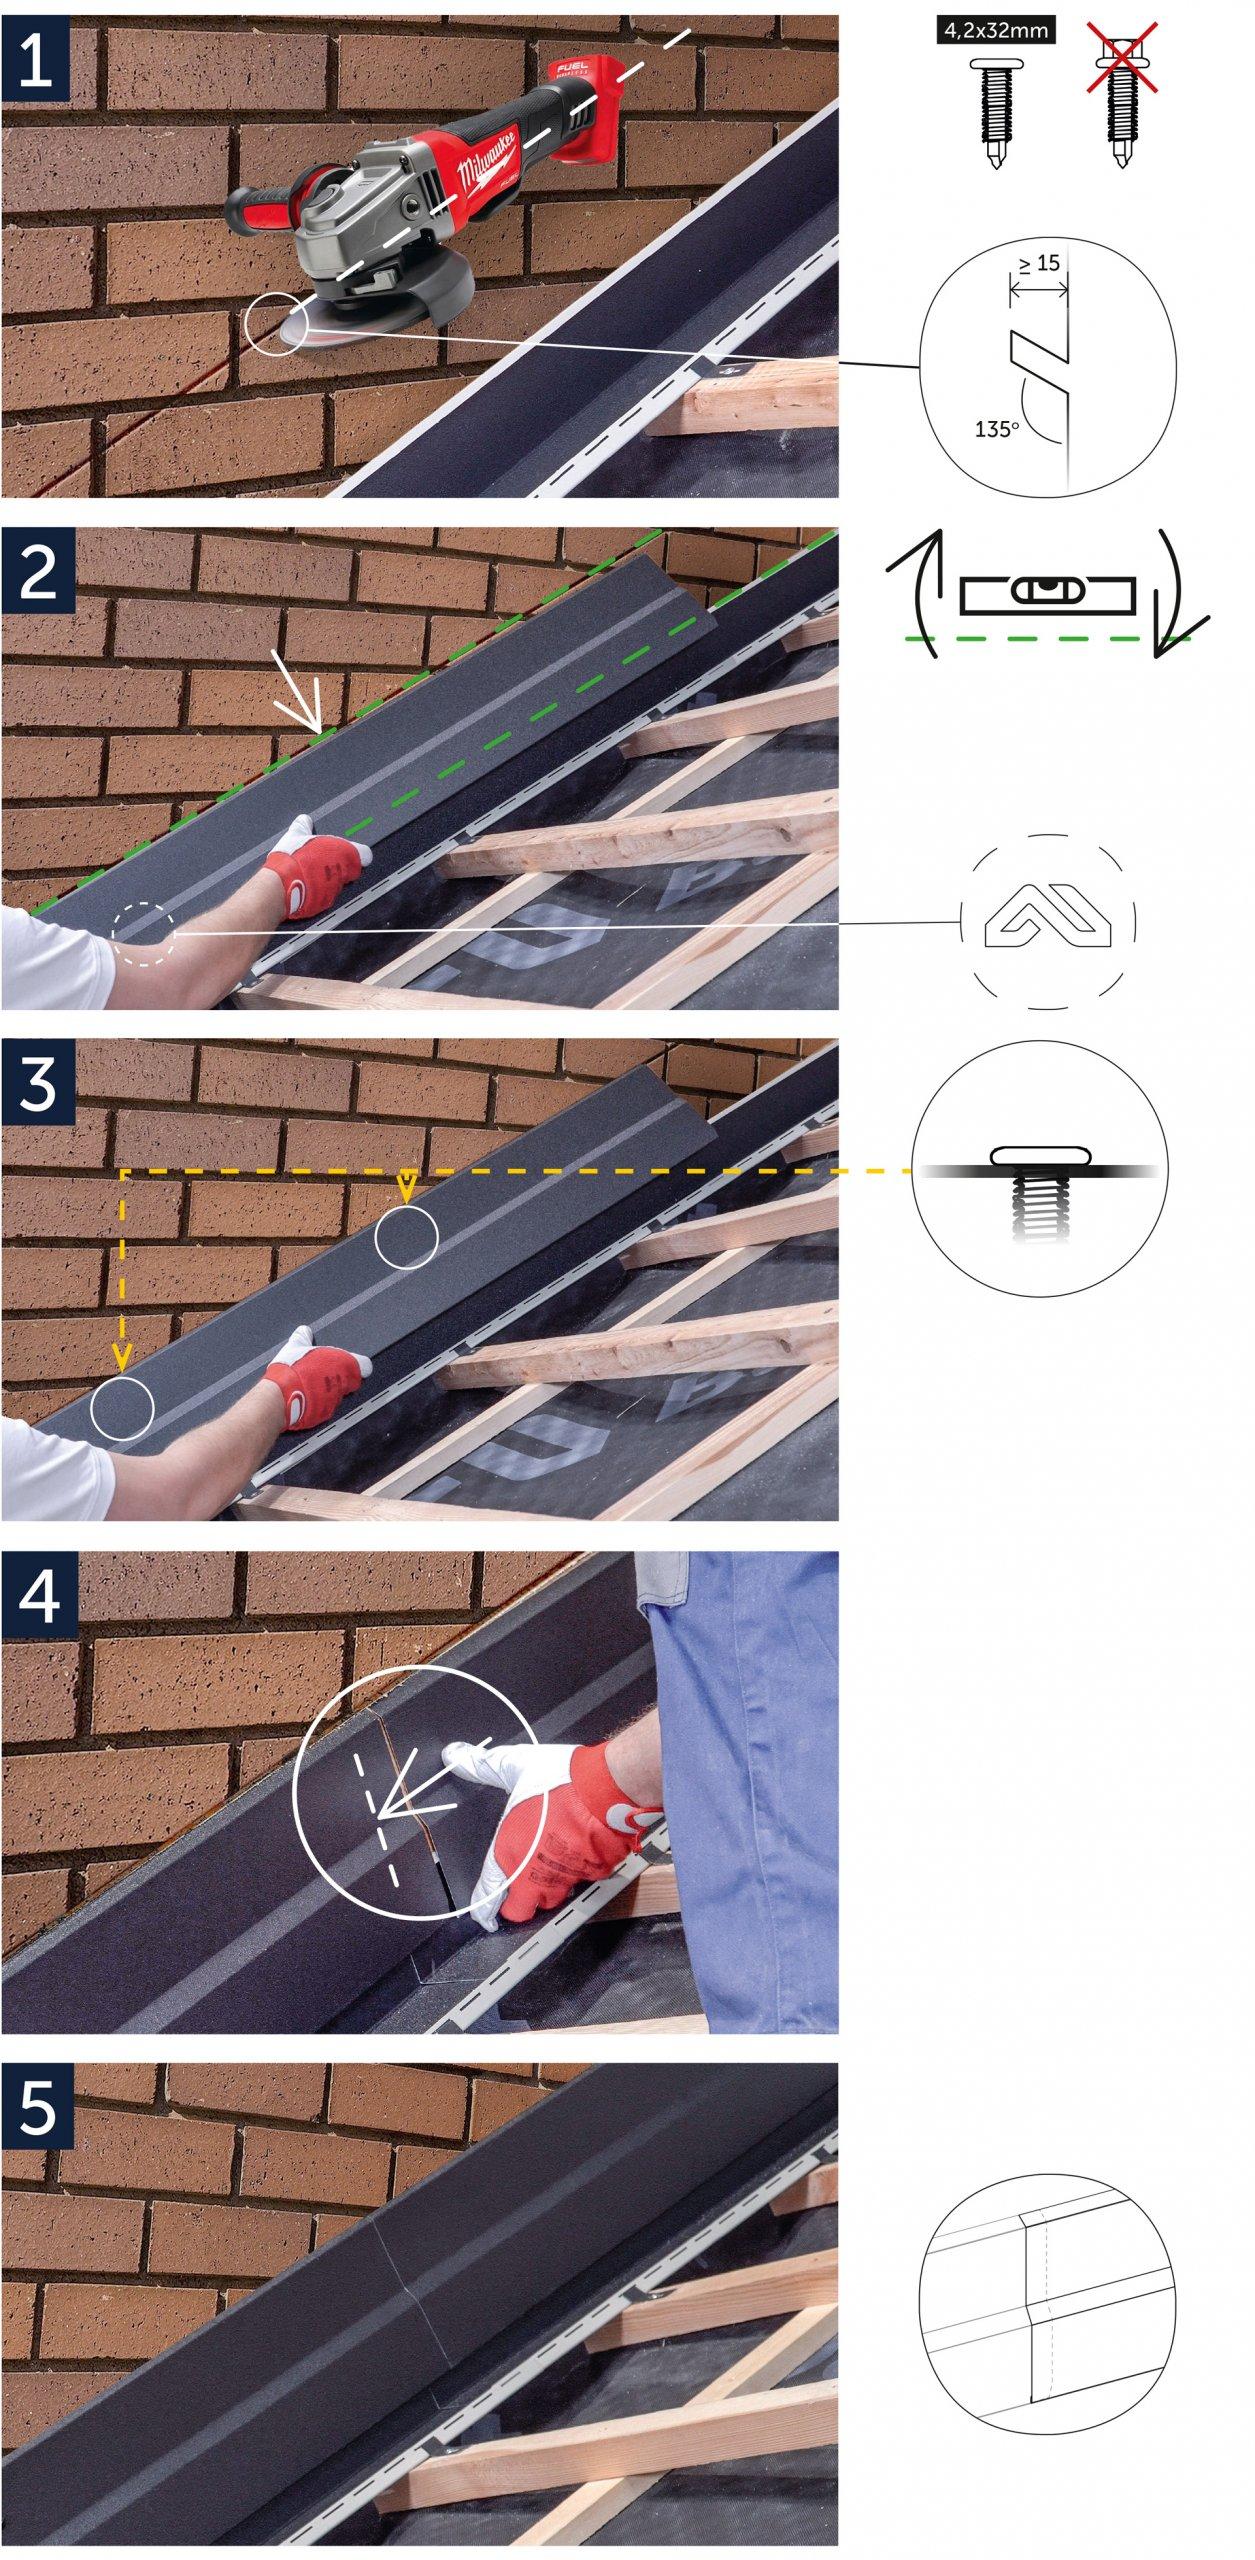 Instrukcja montażu System MOD - Obróbka przyścienna OP